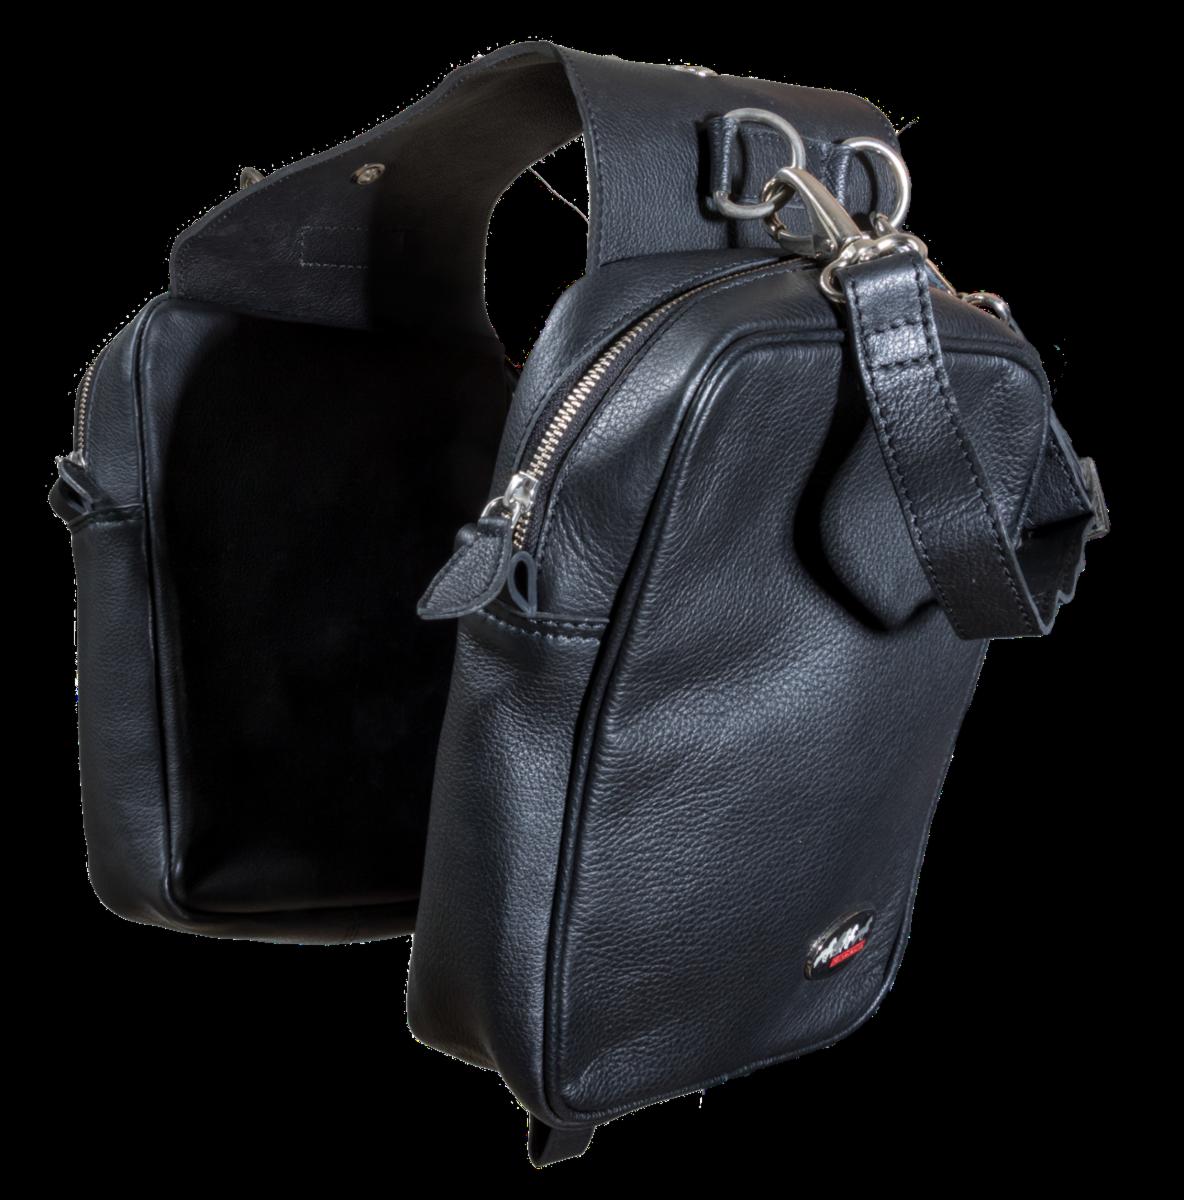 KARLSLUND_ leather_saddlebag_k406L